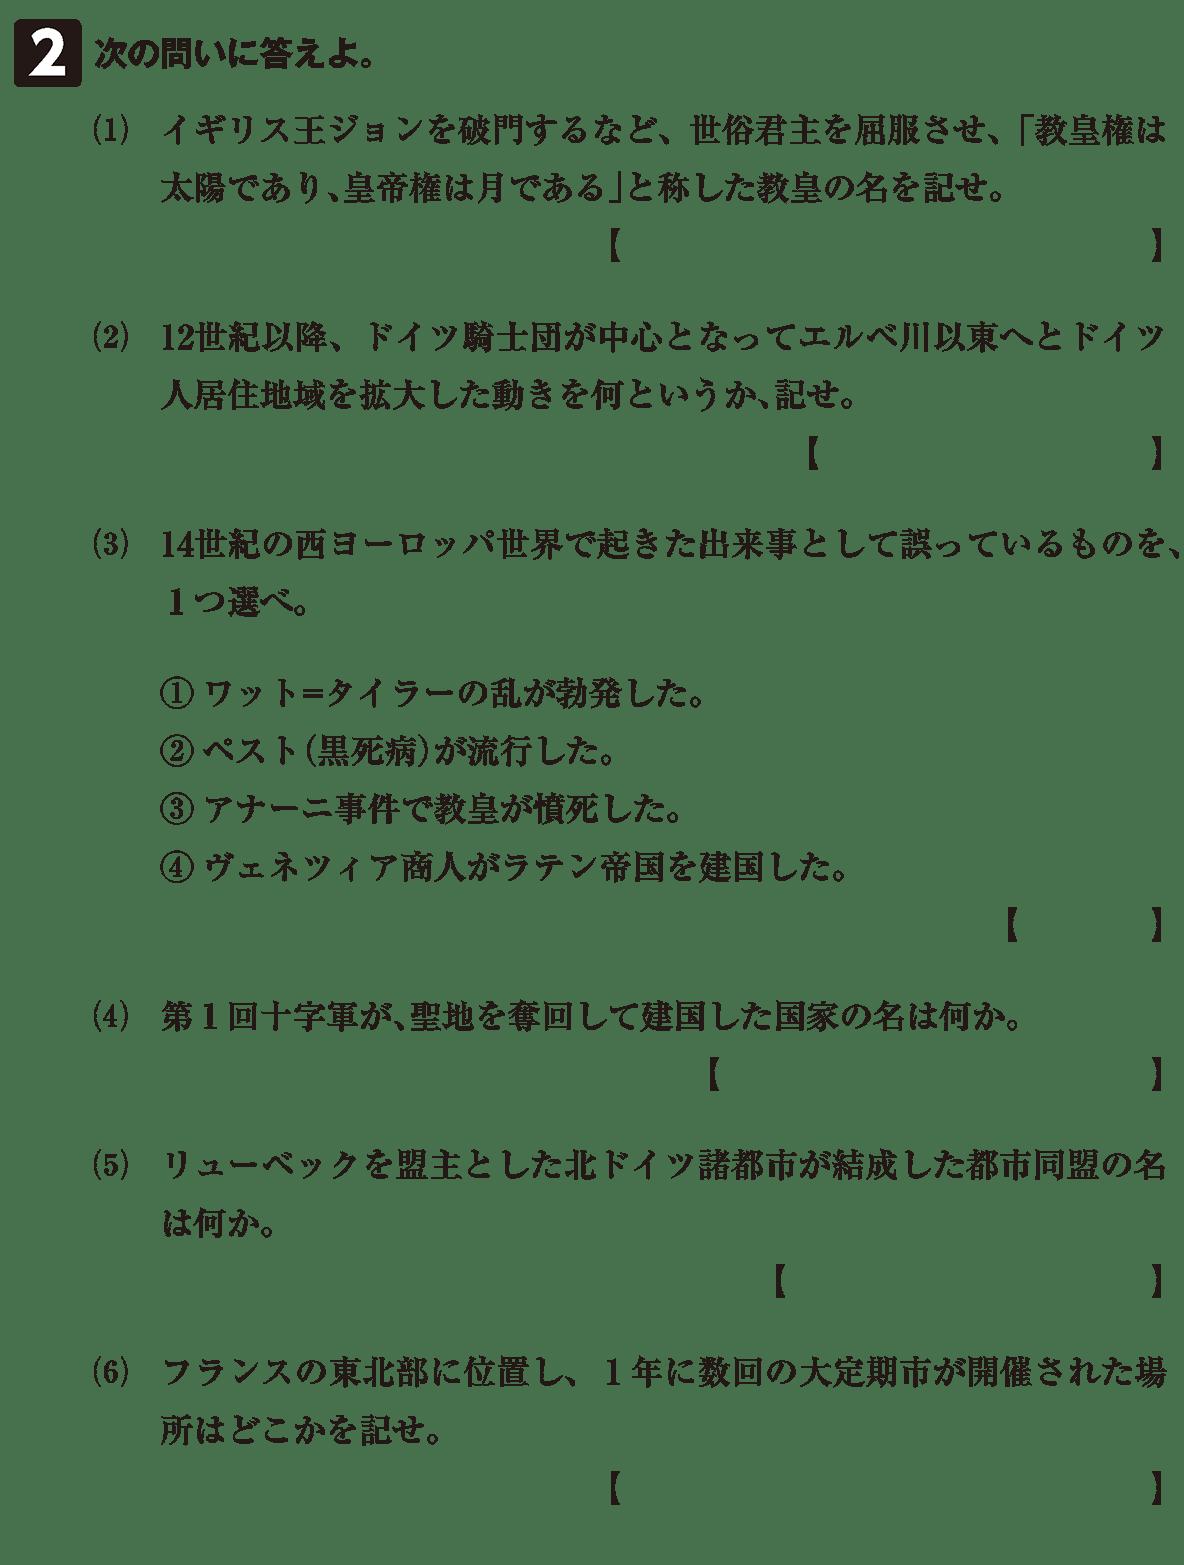 高校世界史 中世ヨーロッパ世界の展開7 確認テスト(後半)問題2